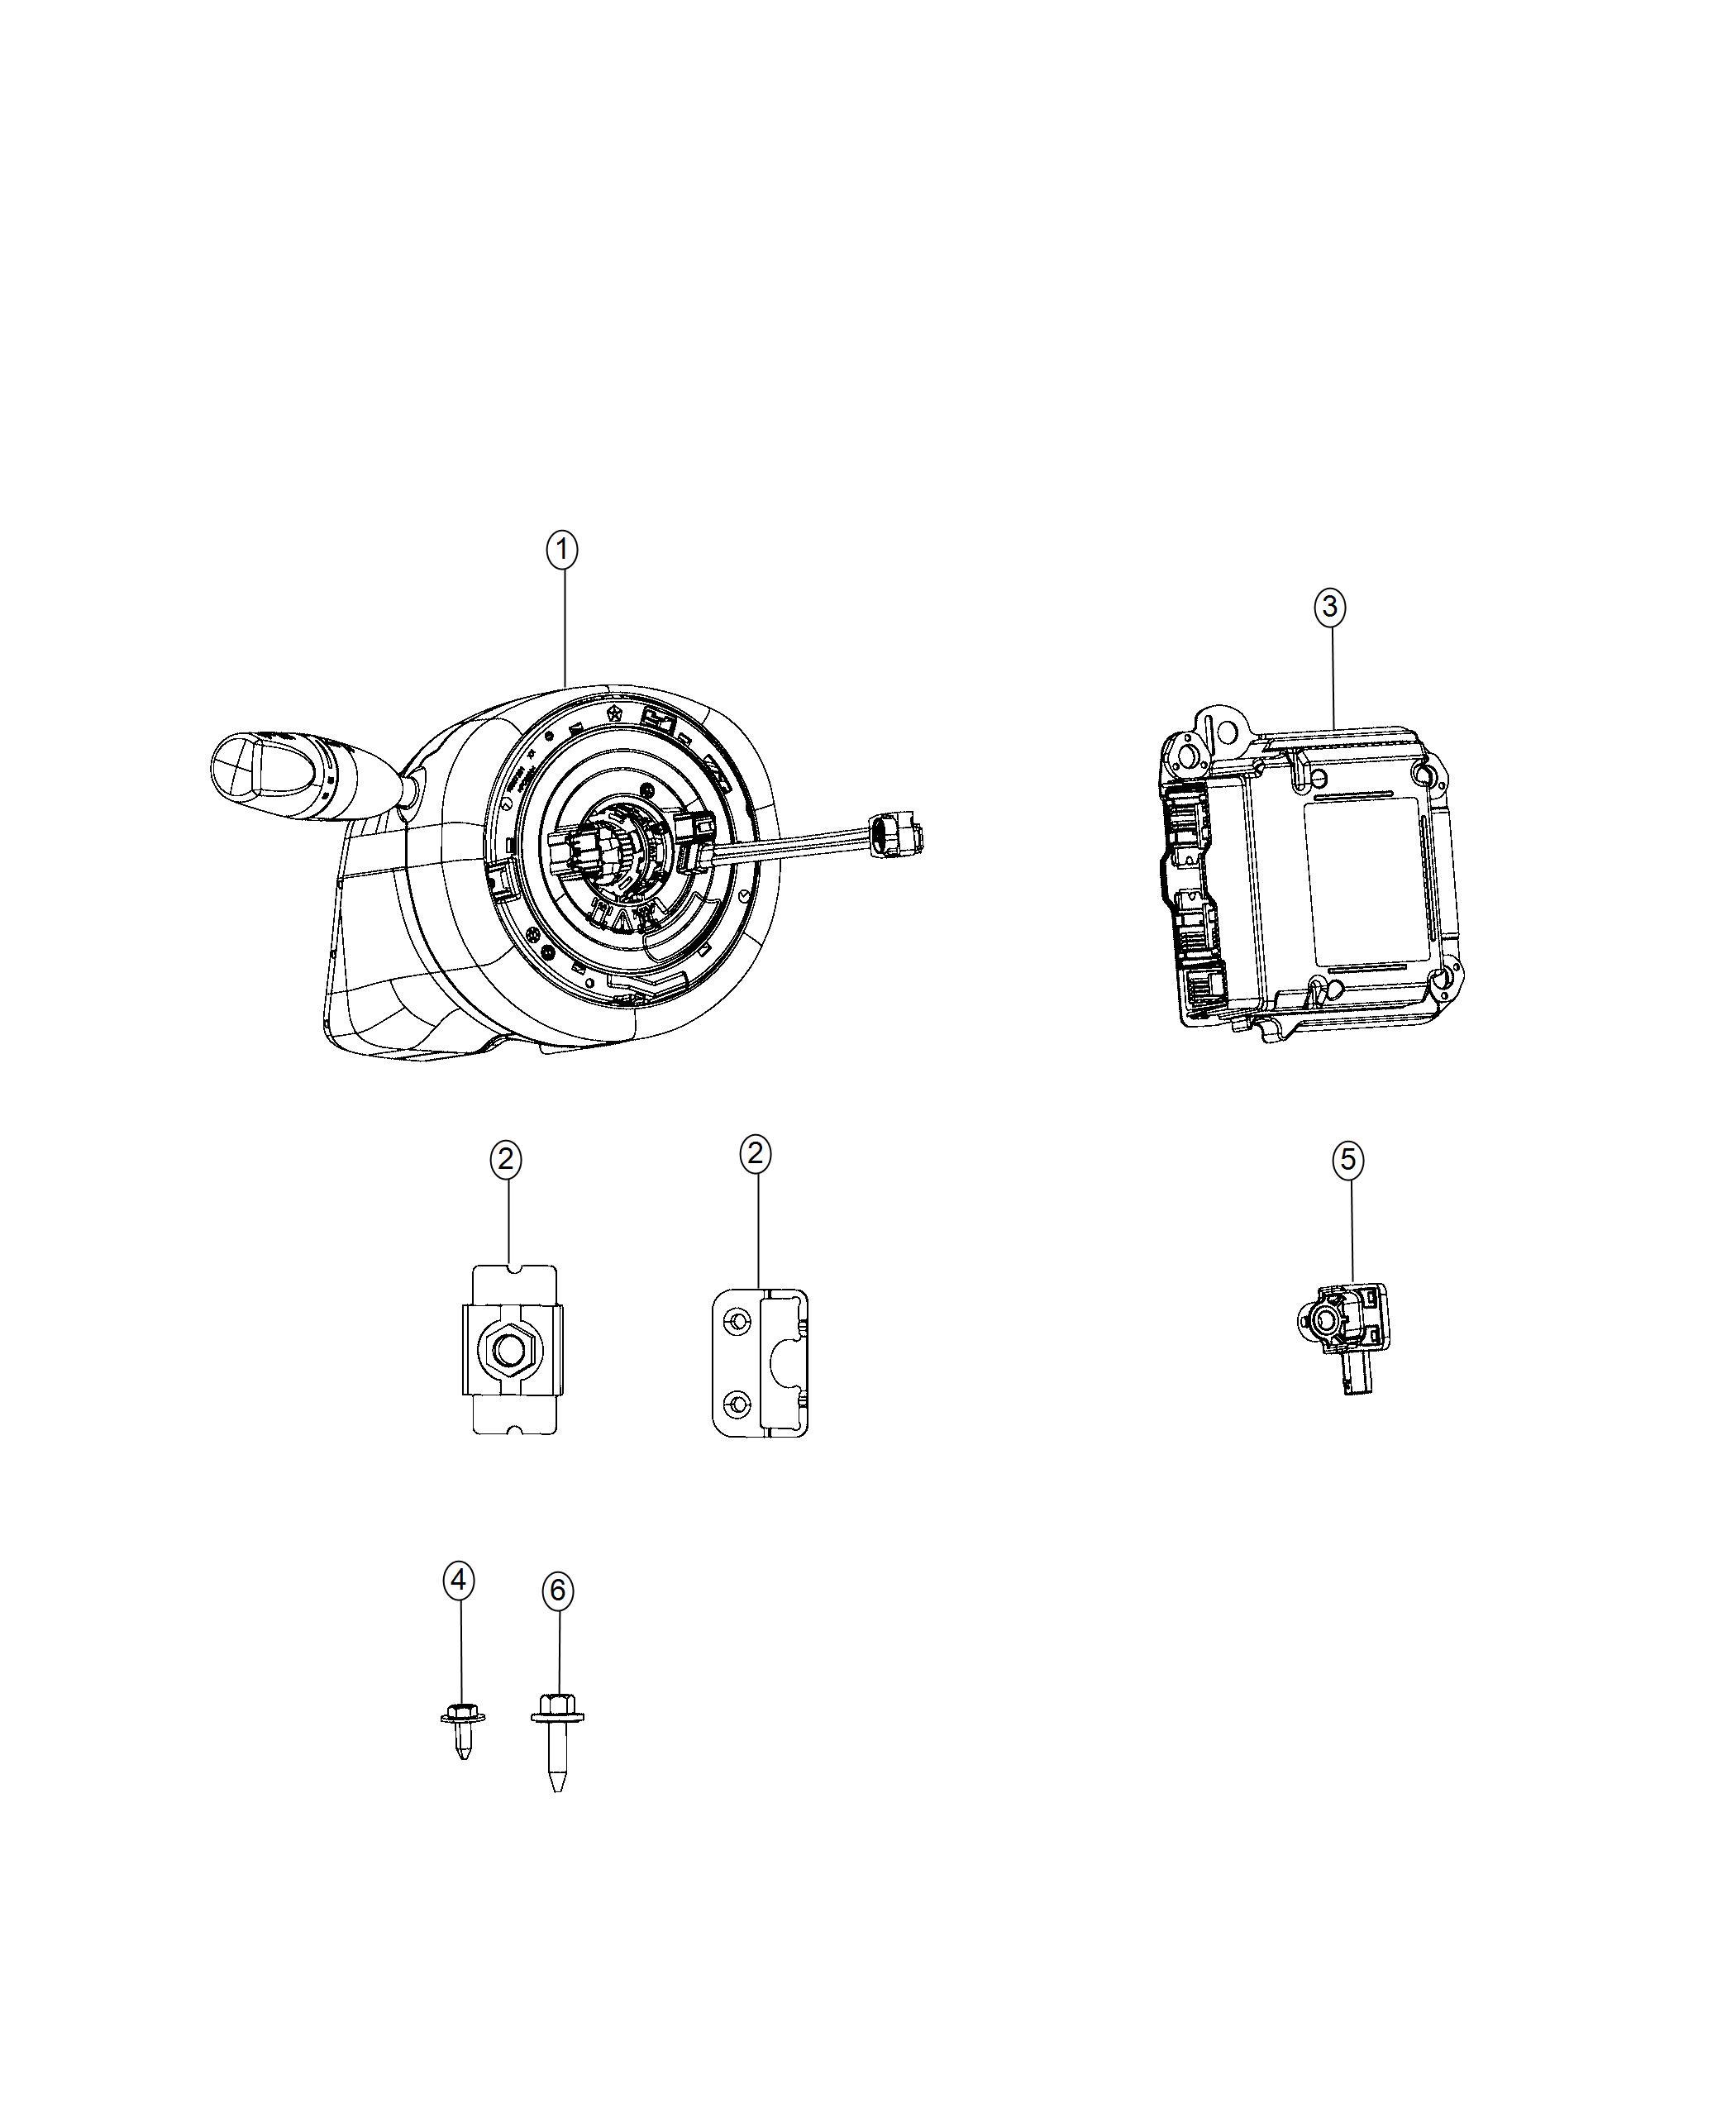 2017 Chrysler 300 Module. Occupant restraint. Export. Frt